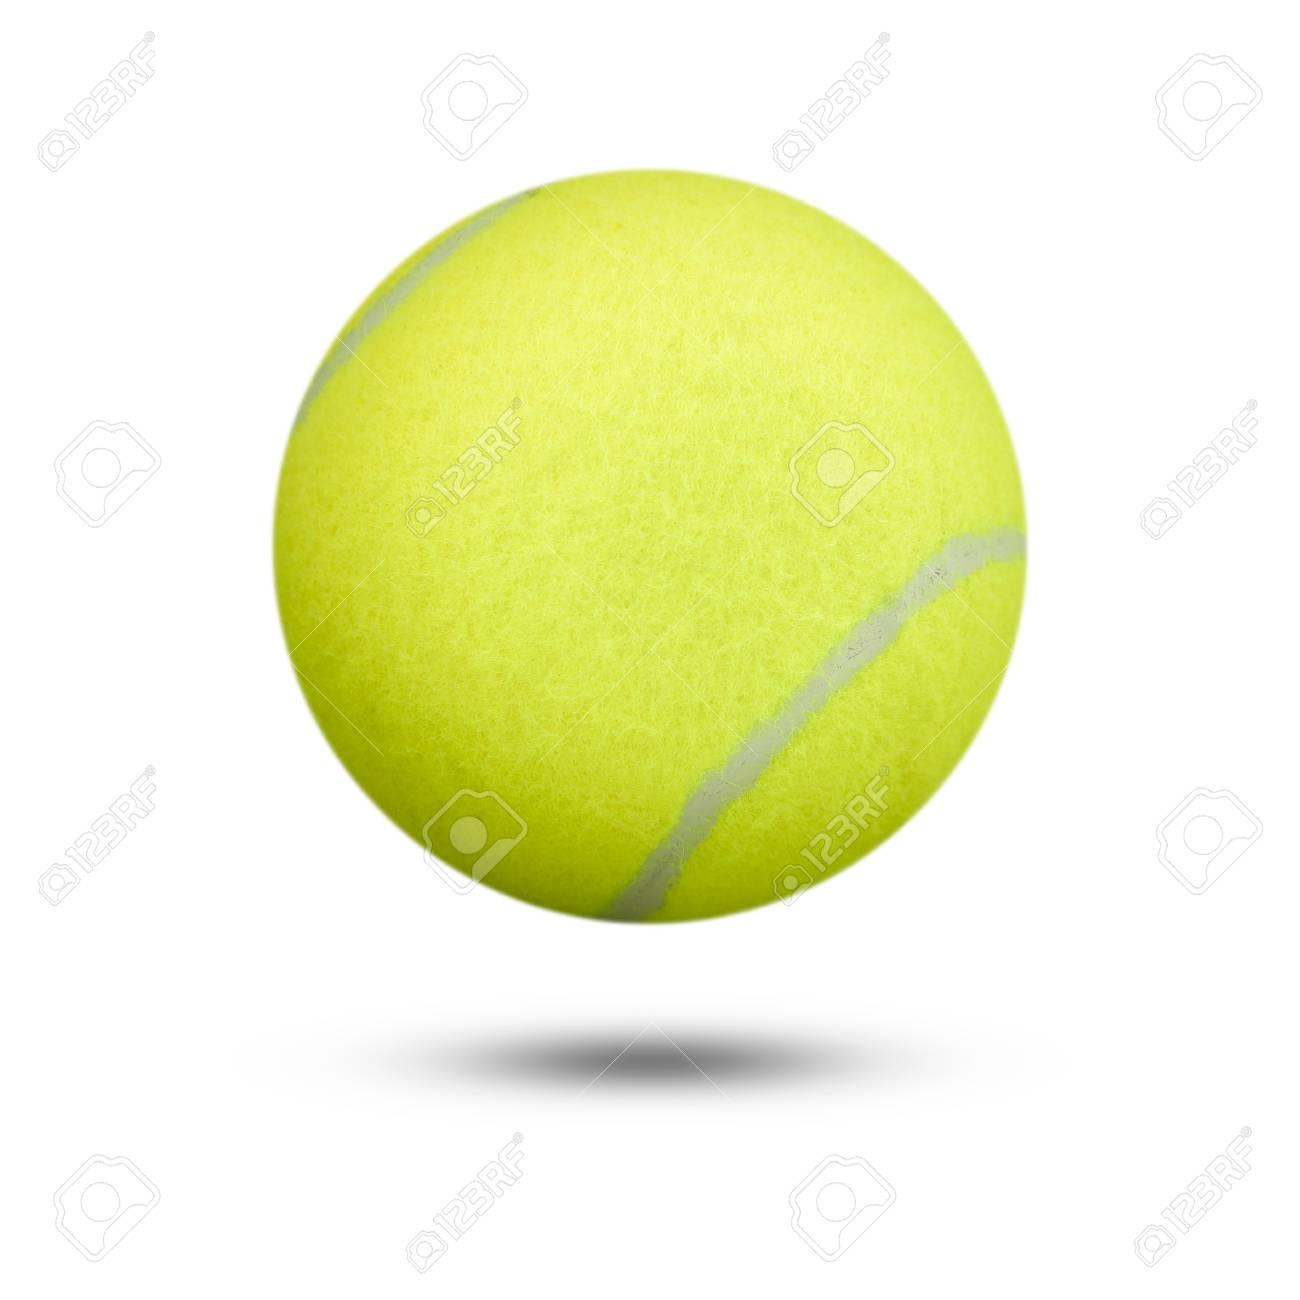 7de13a7d7f007 Balle de tennis sur fond blanc balle de tennis isolée. balle de tennis de  couleur